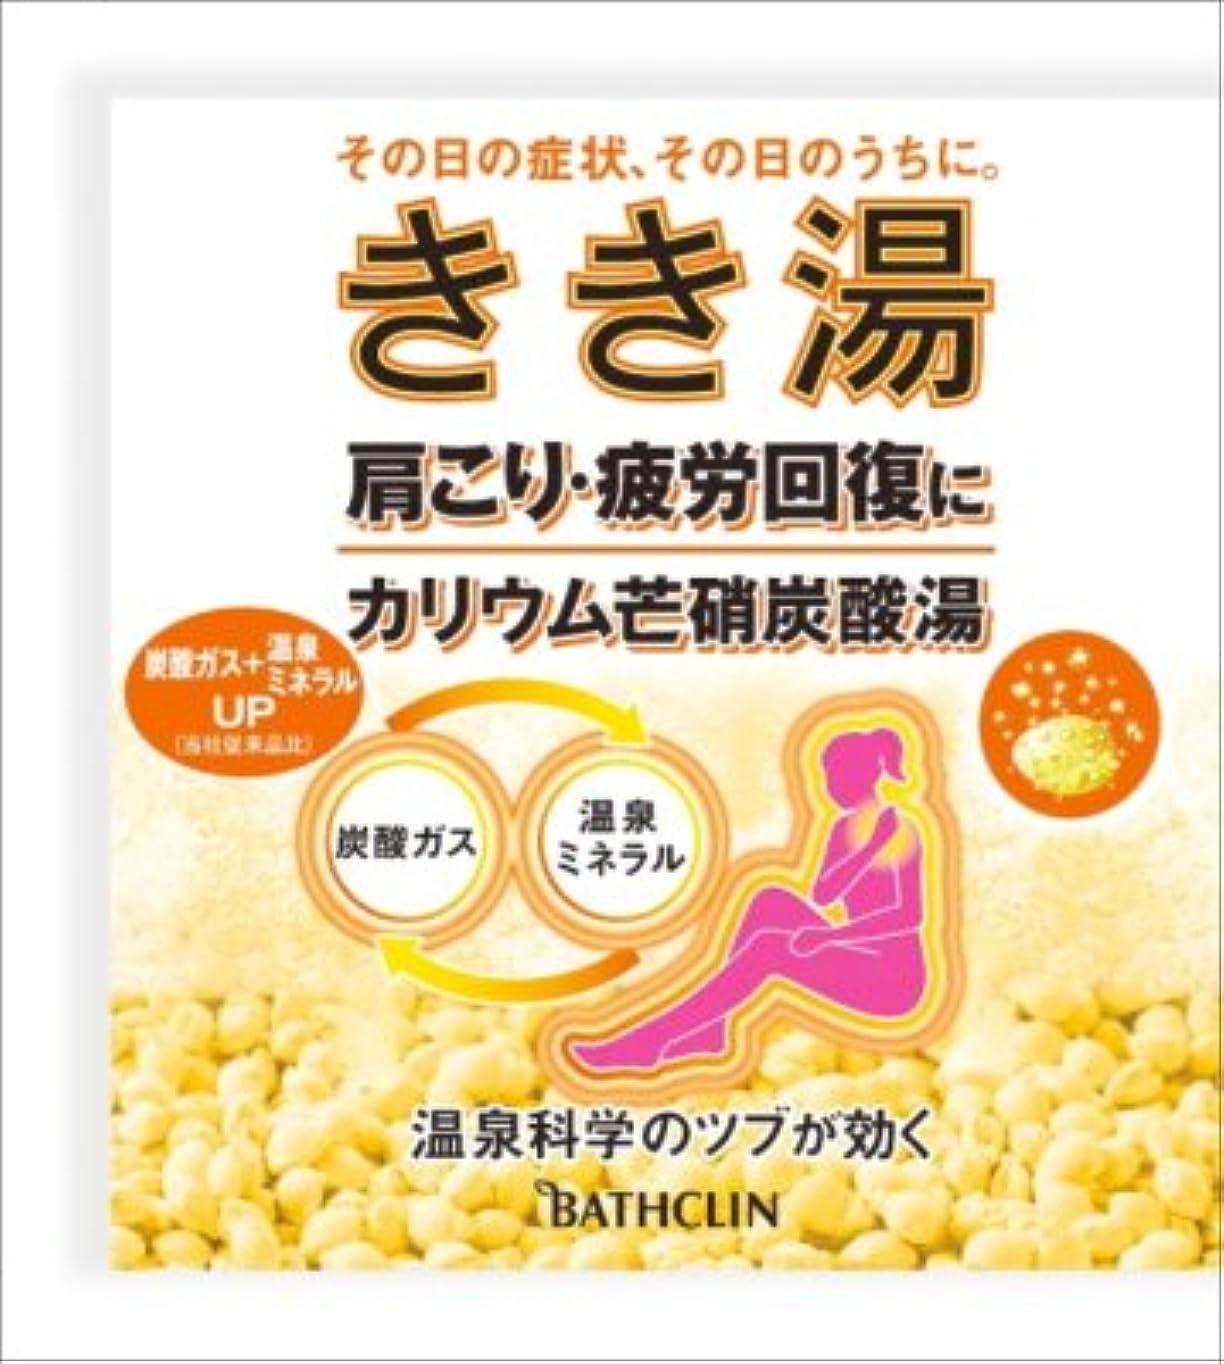 スマイルクリアカヌーバスクリン きき湯 カリウム芒硝炭酸湯 30g(入浴剤)×120個セット